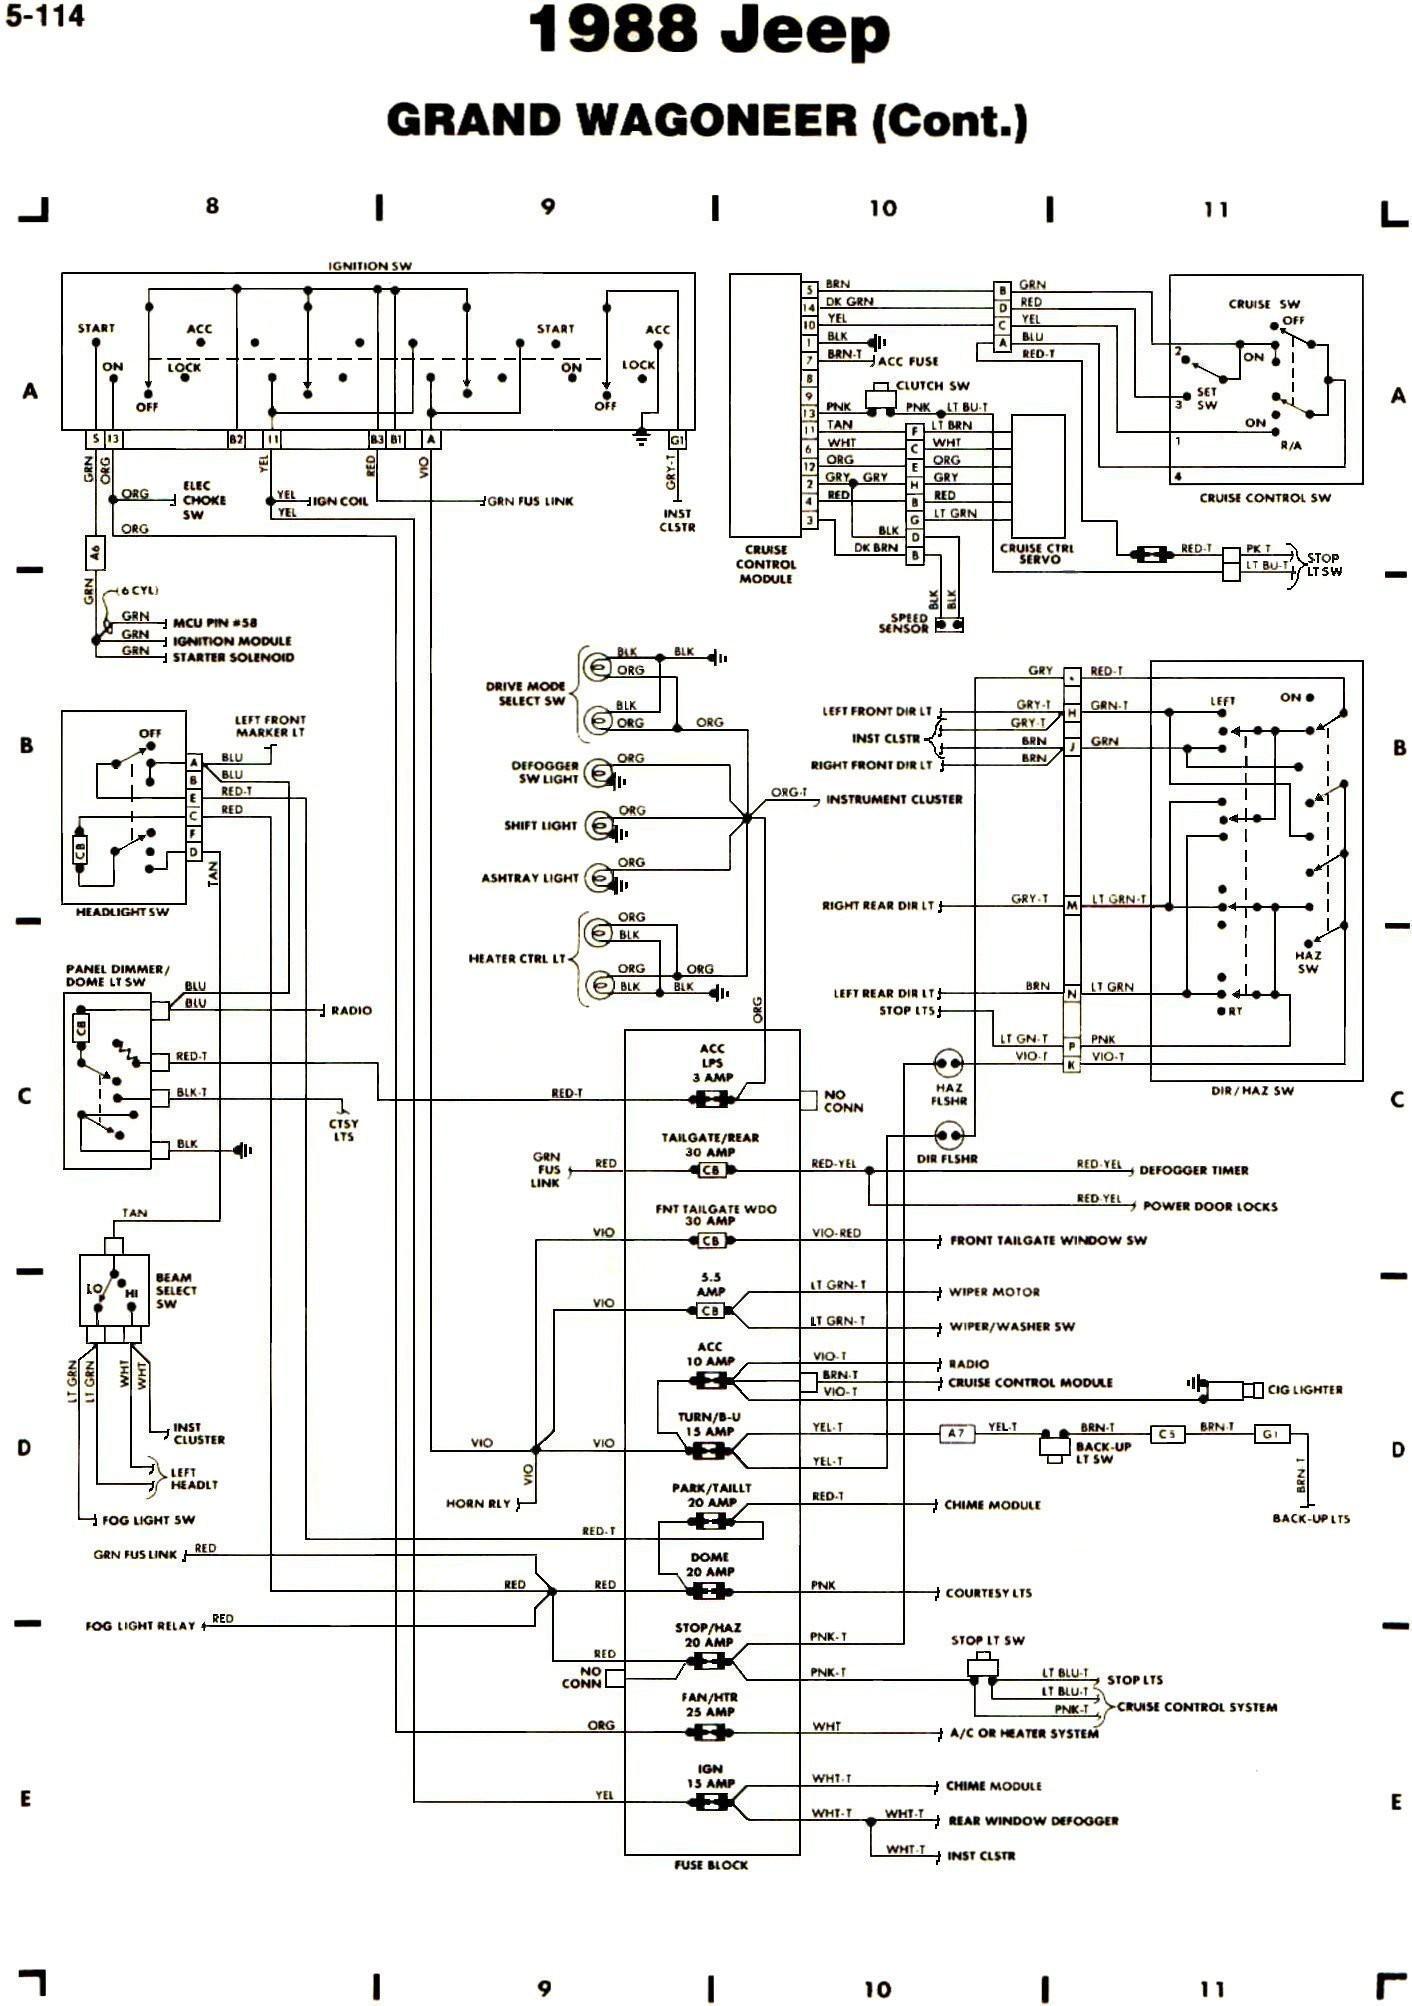 [SCHEMATICS_4FD]  3B229F Freightliner Wiring Fuse Box Diagram | Wiring Library | 1988 Freightliner Wiring Diagram |  | Wiring Library